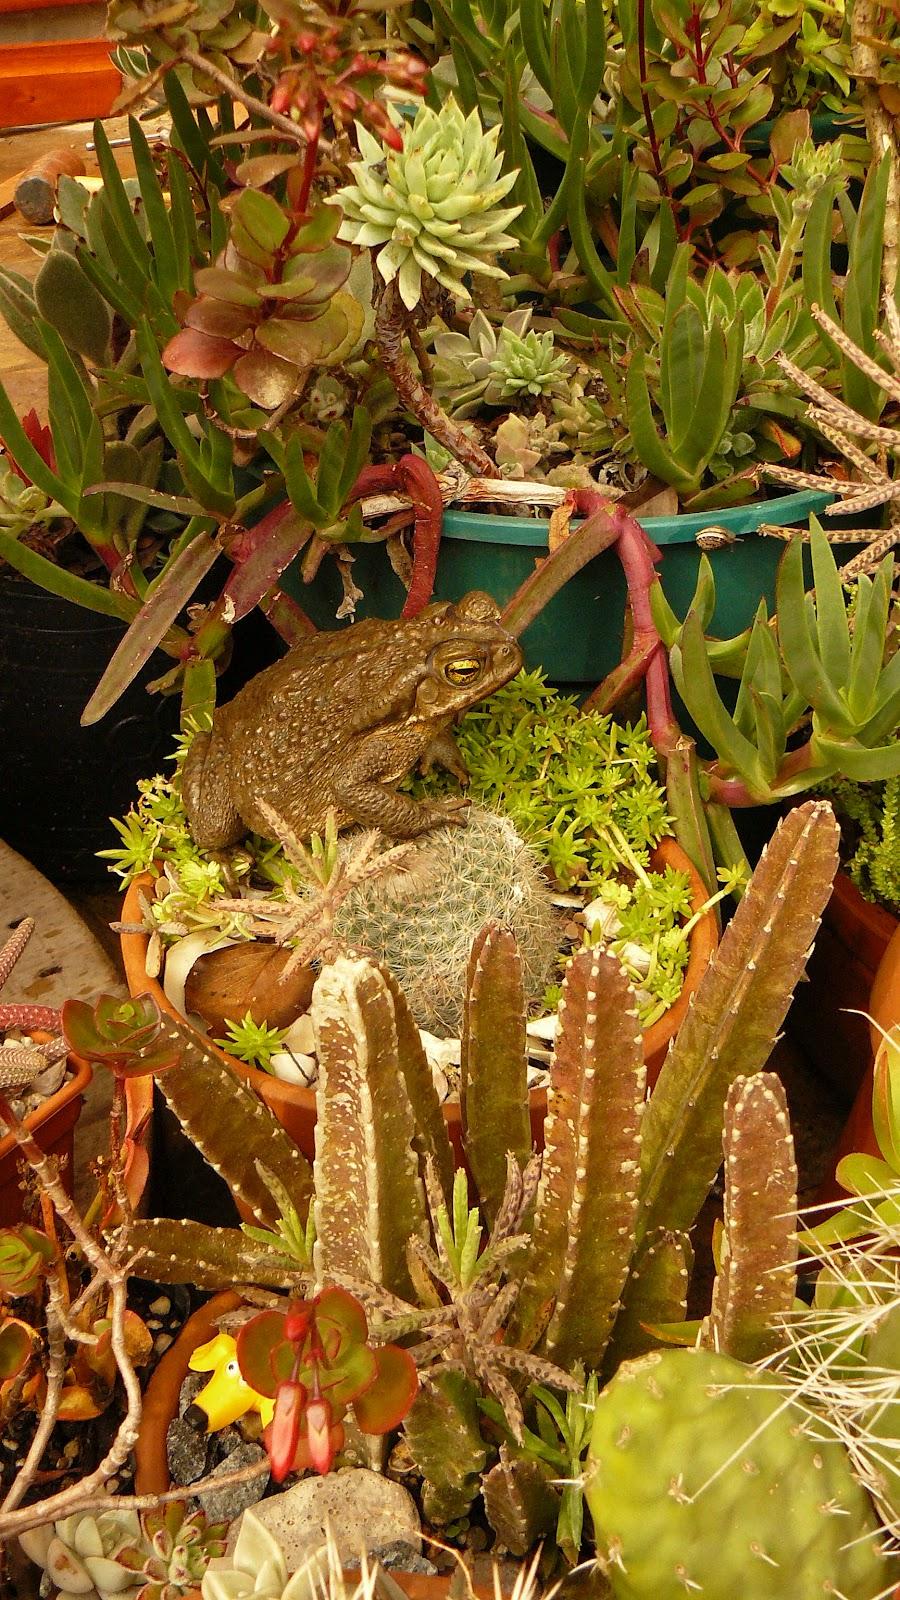 Jardines de cactus y suculentas agosto - Jardines de cactus y suculentas ...